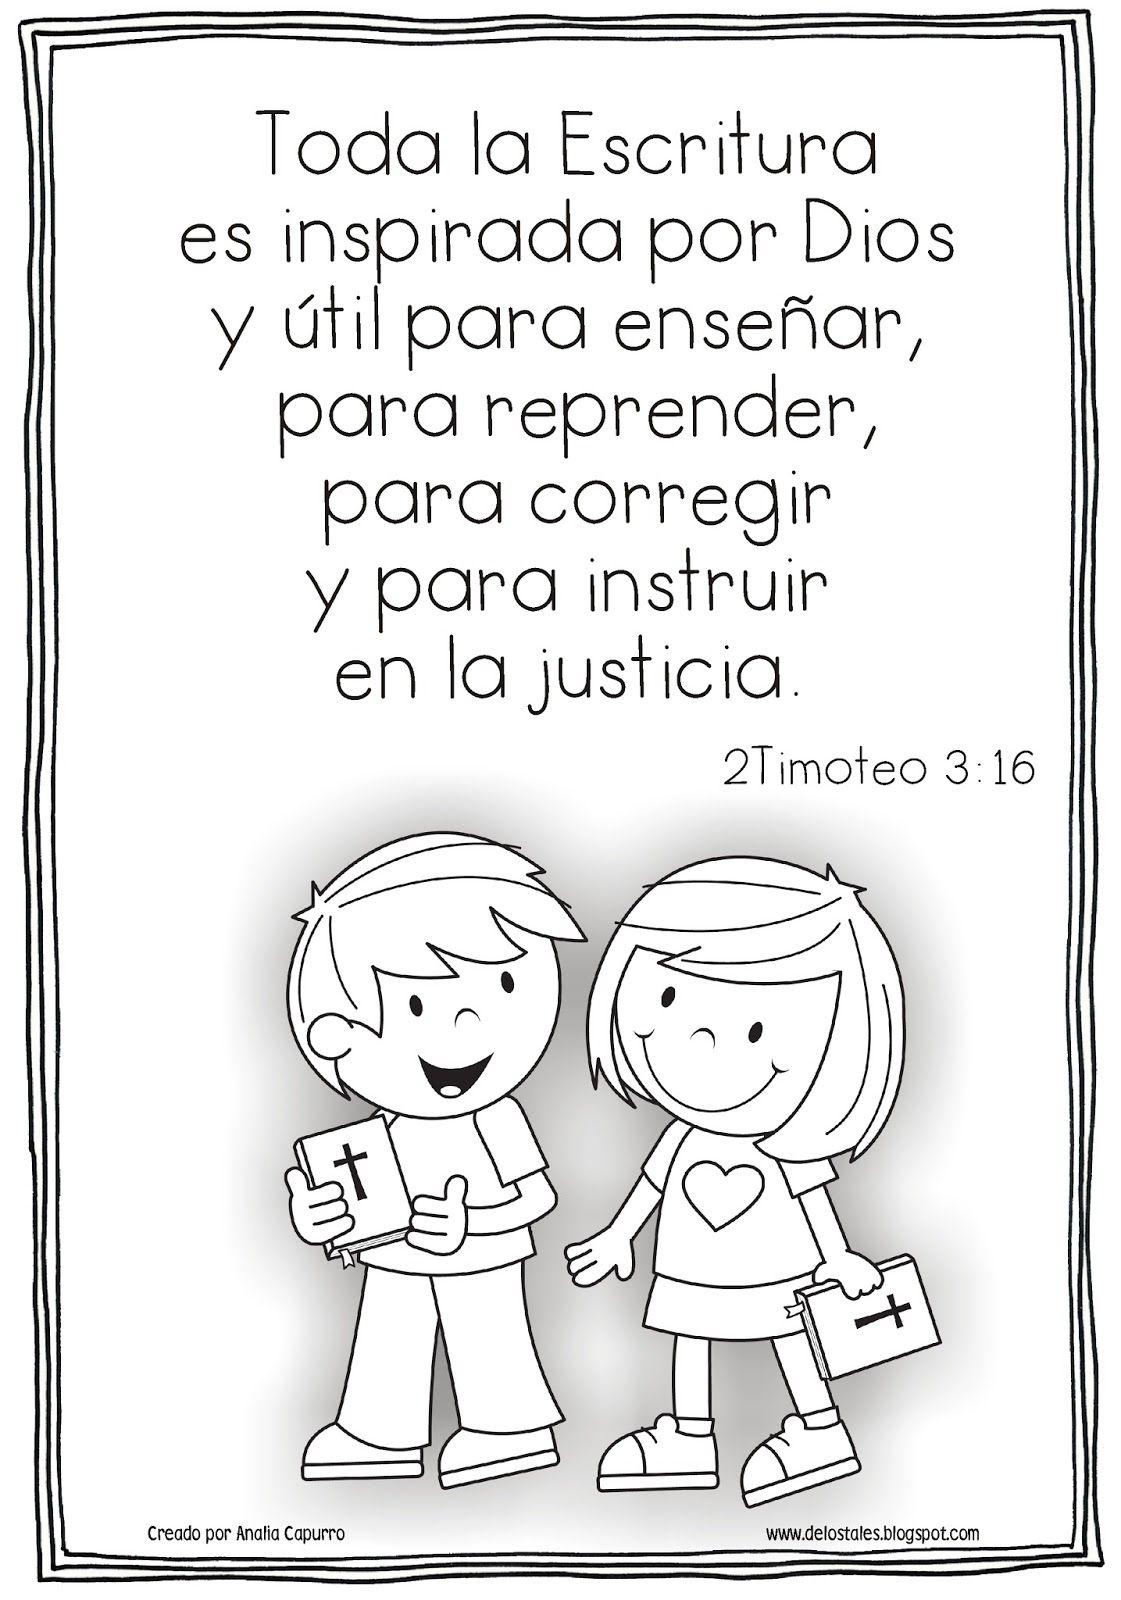 Coloring pages bible verses - Recursos De Educaci N Cristiana Para Ni Os Lecciones Visuales Juegos Devocionales Y M S